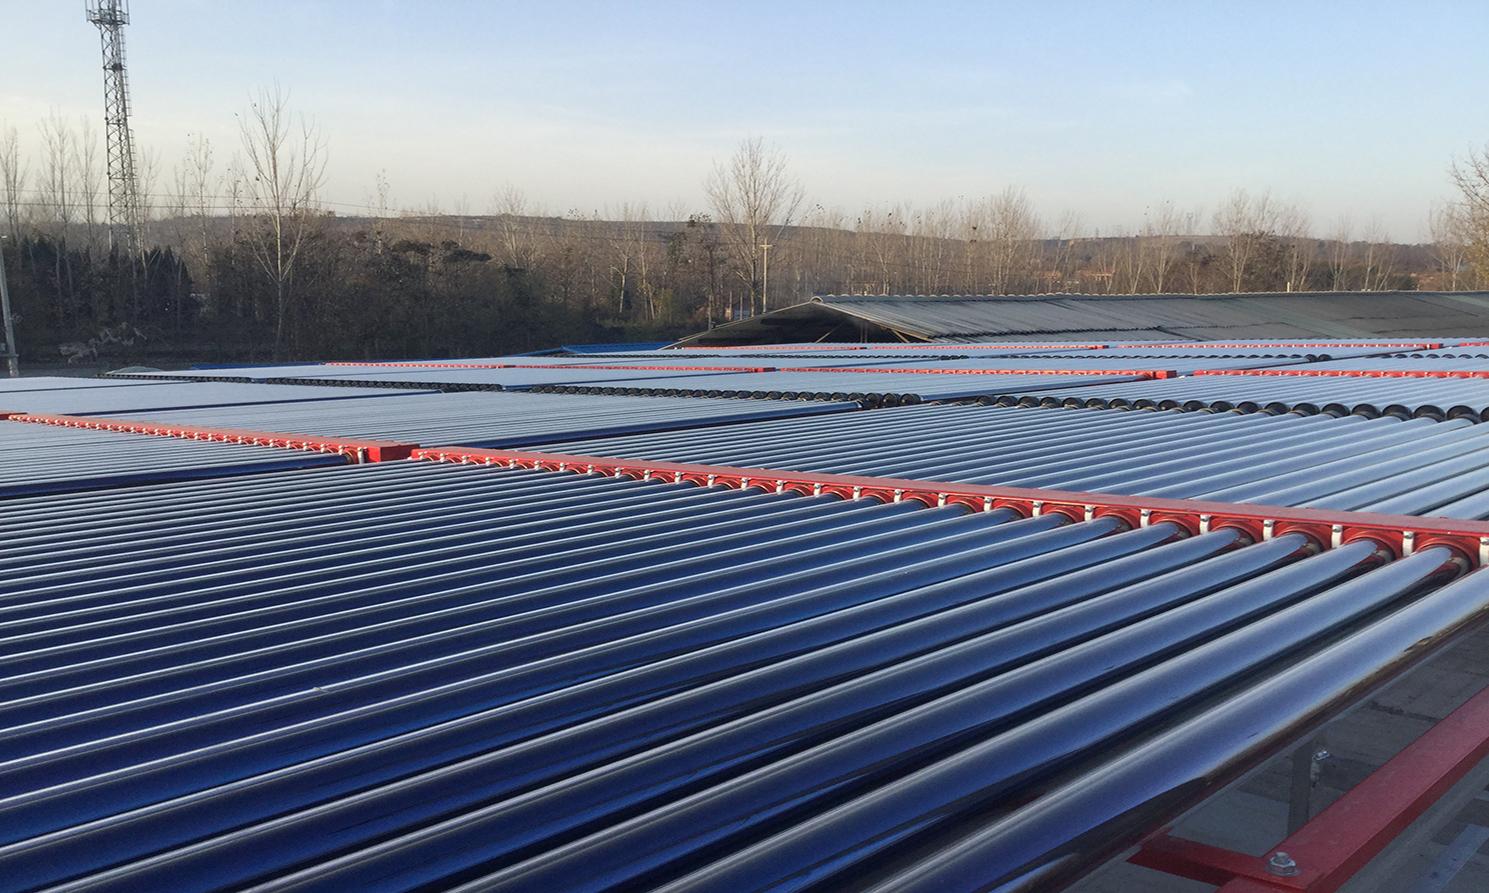 三门峡市高瑞生物技术有限公司太阳能预热锅炉用水项目